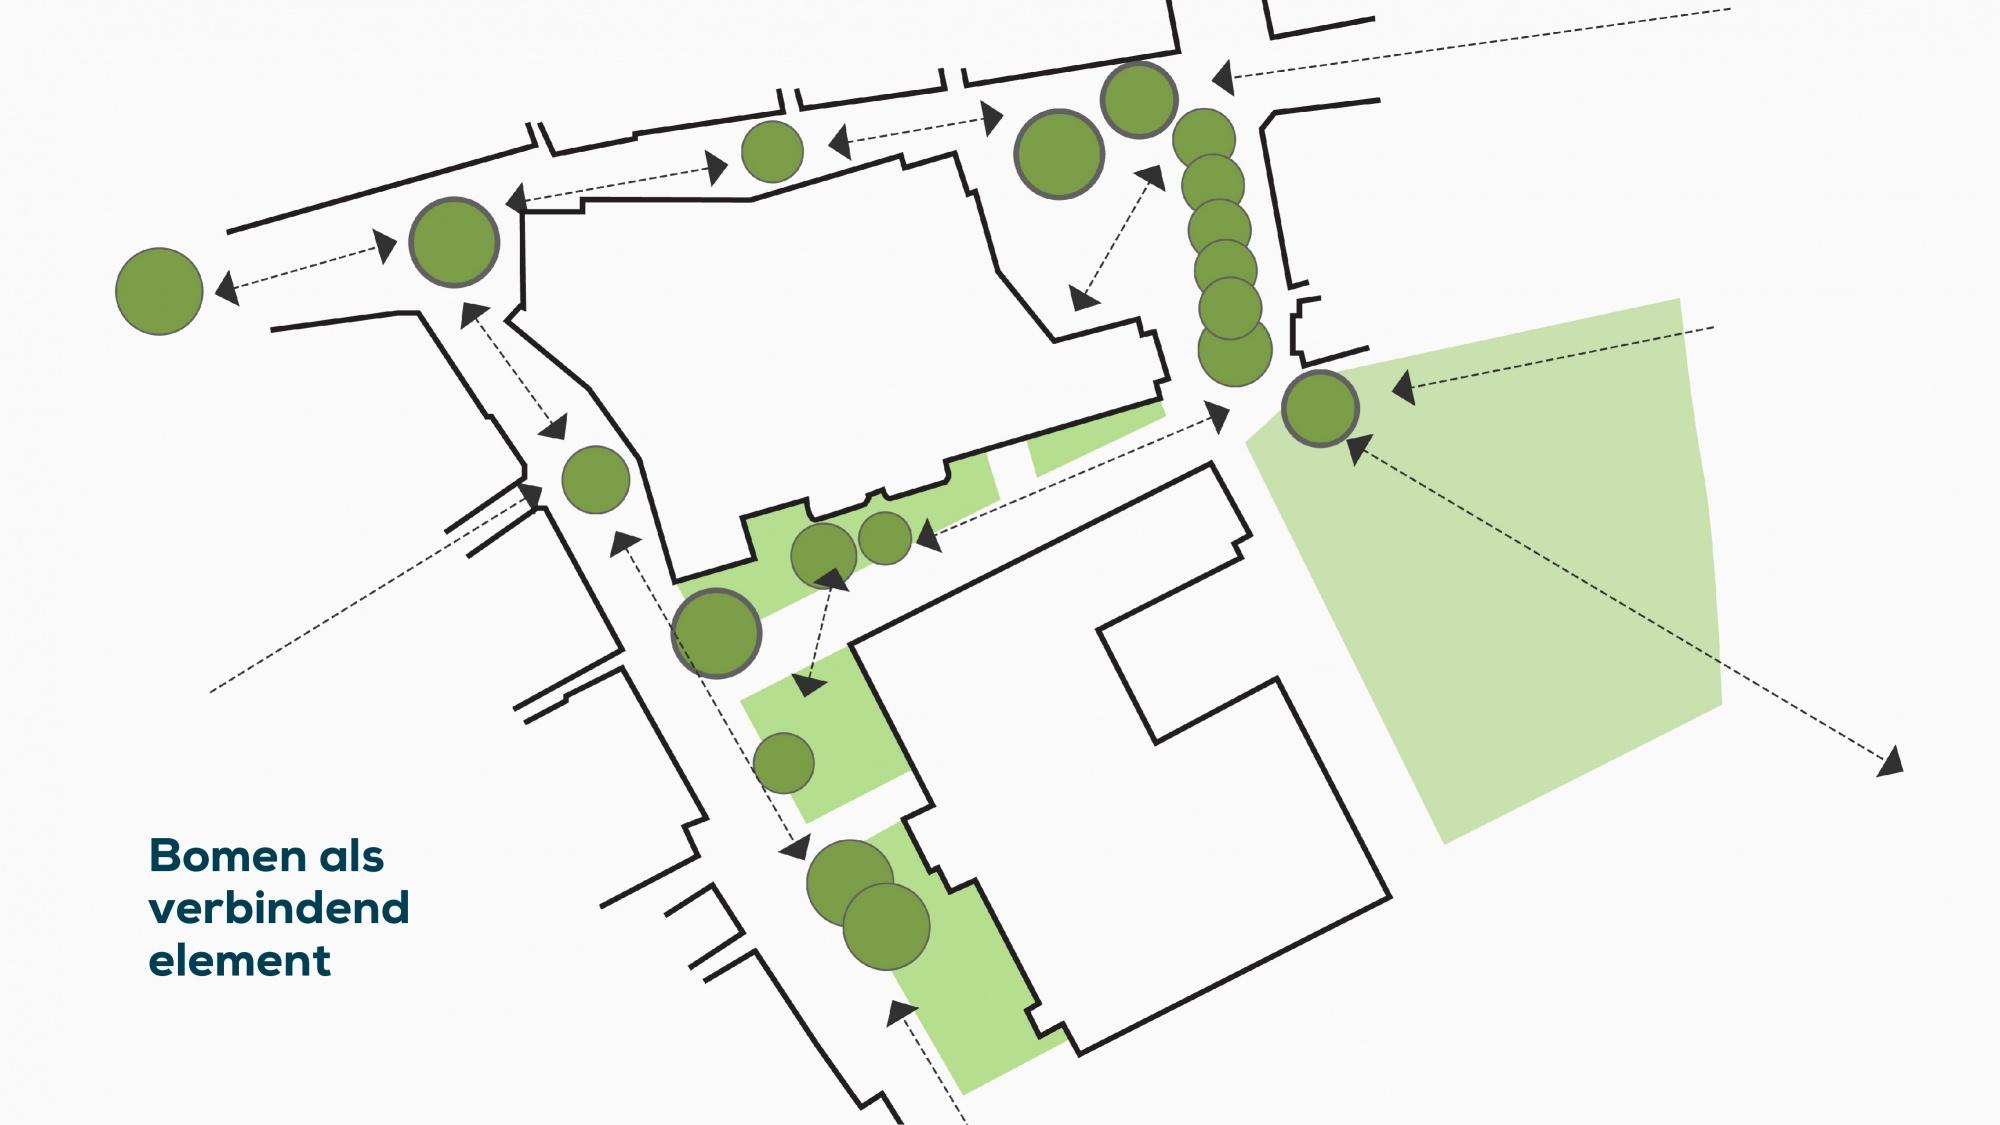 plattegrond 3 bomen als verbindend element